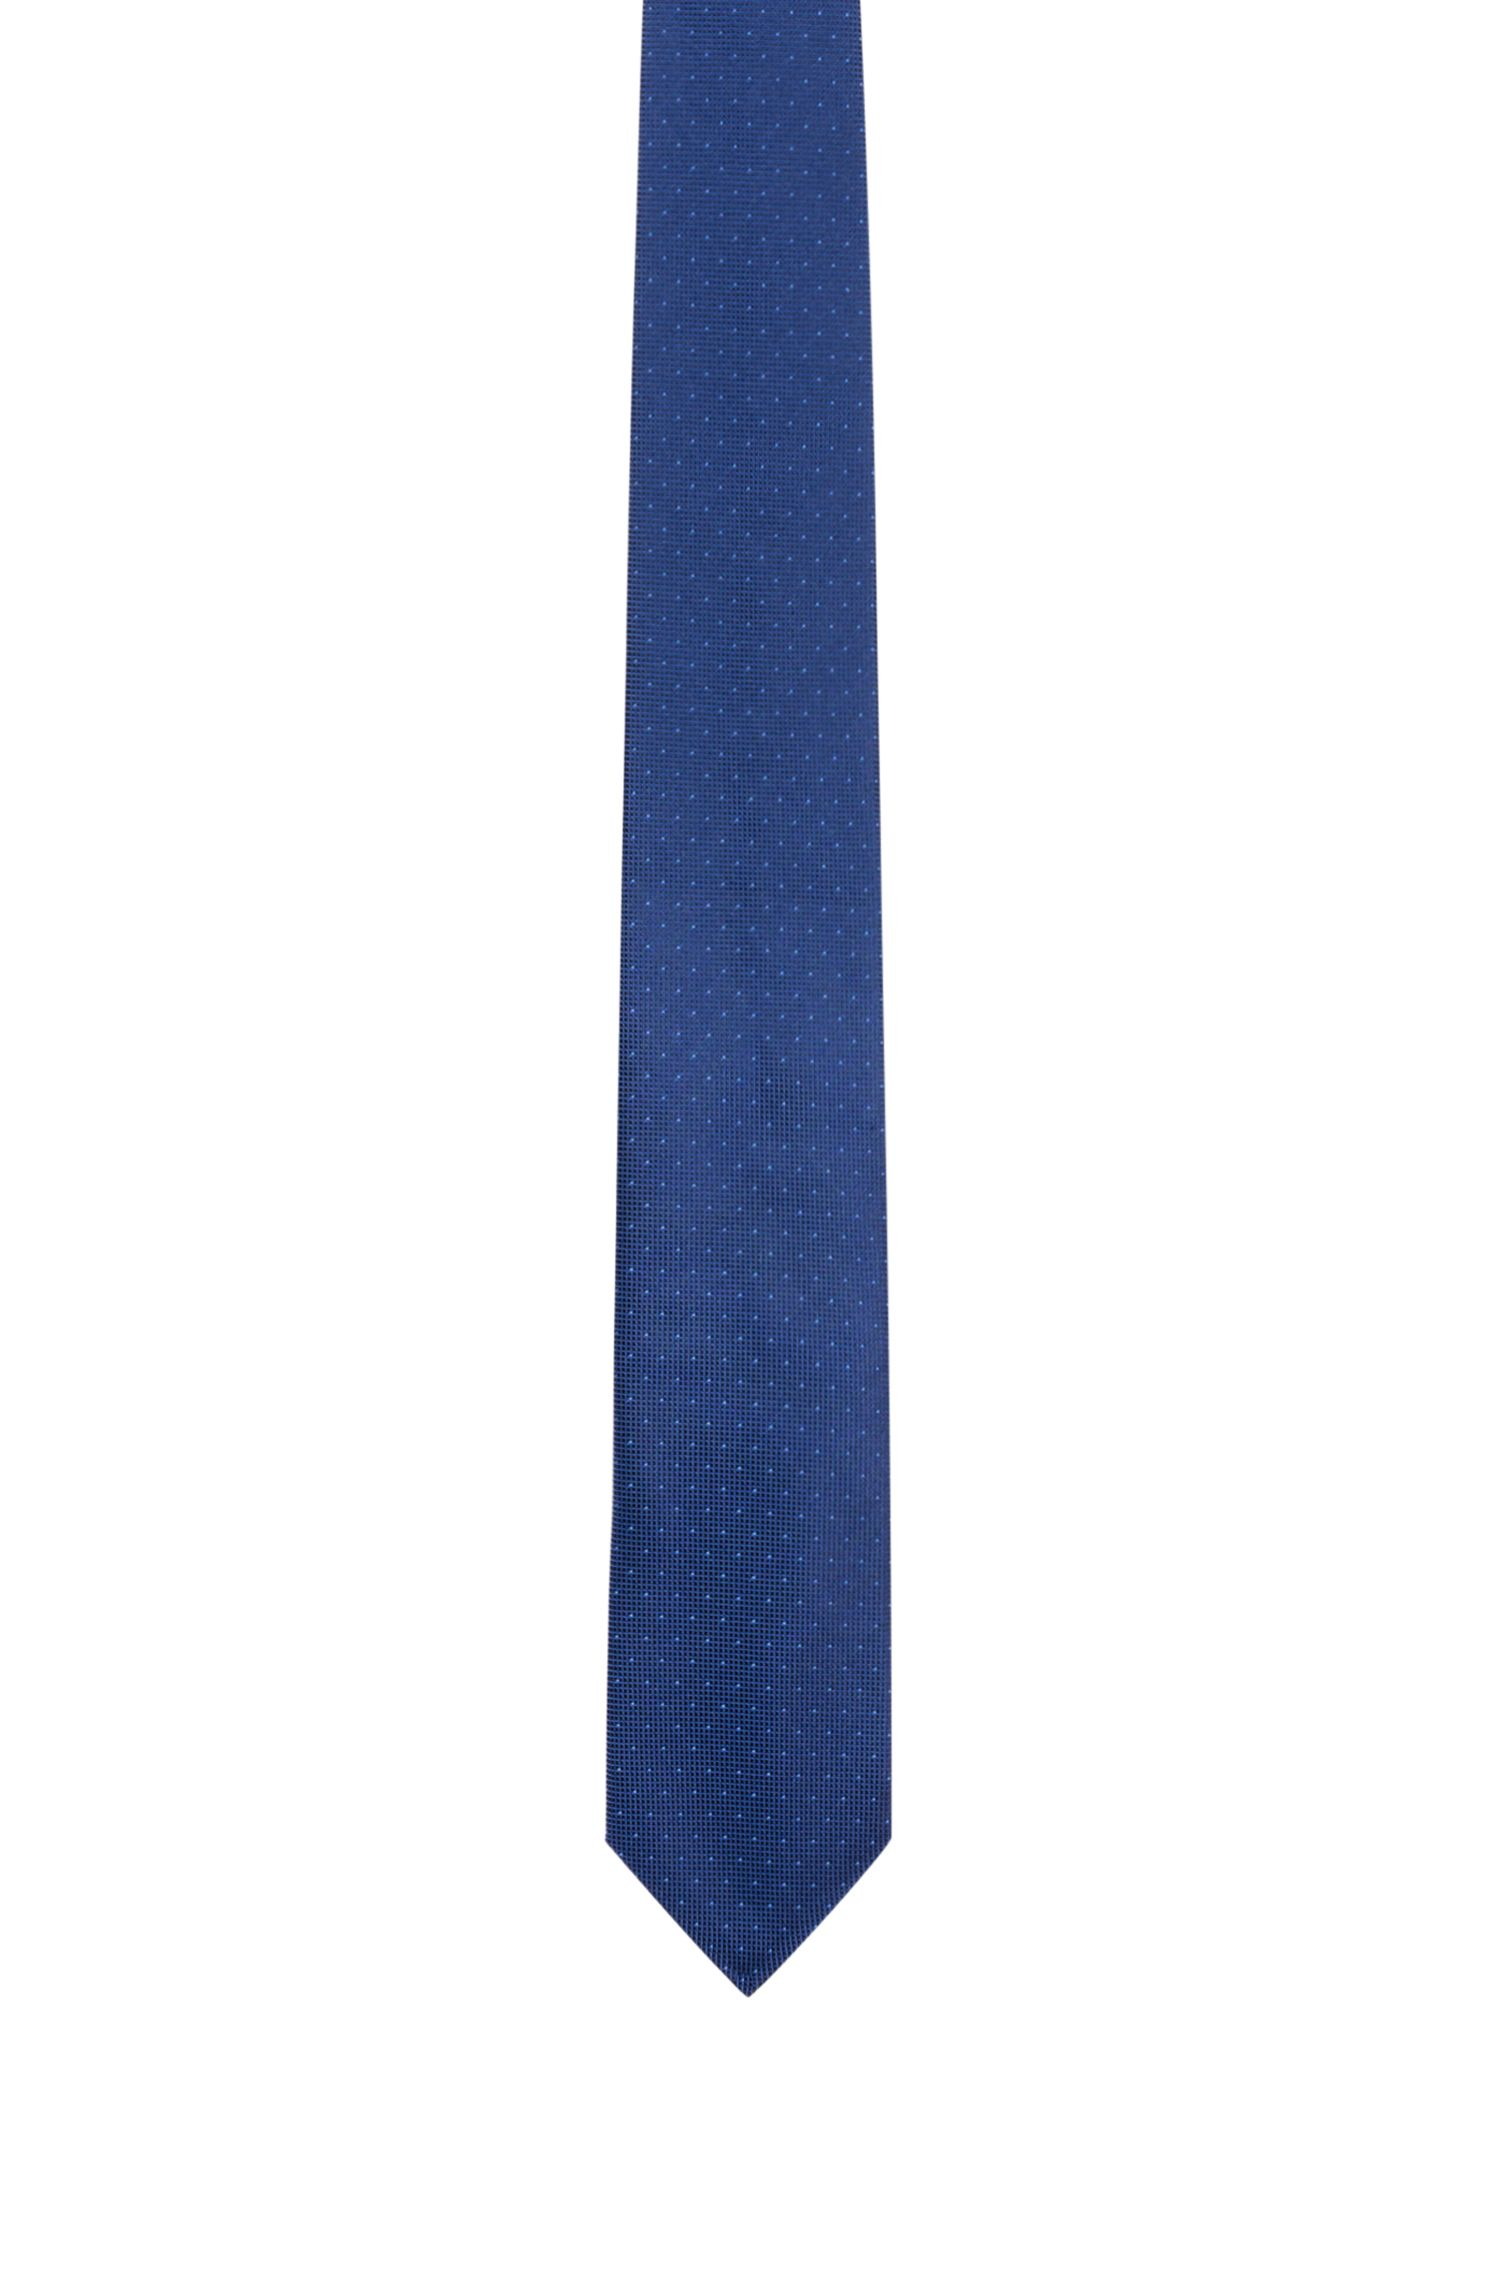 Cravate en pure soie à micro-pois